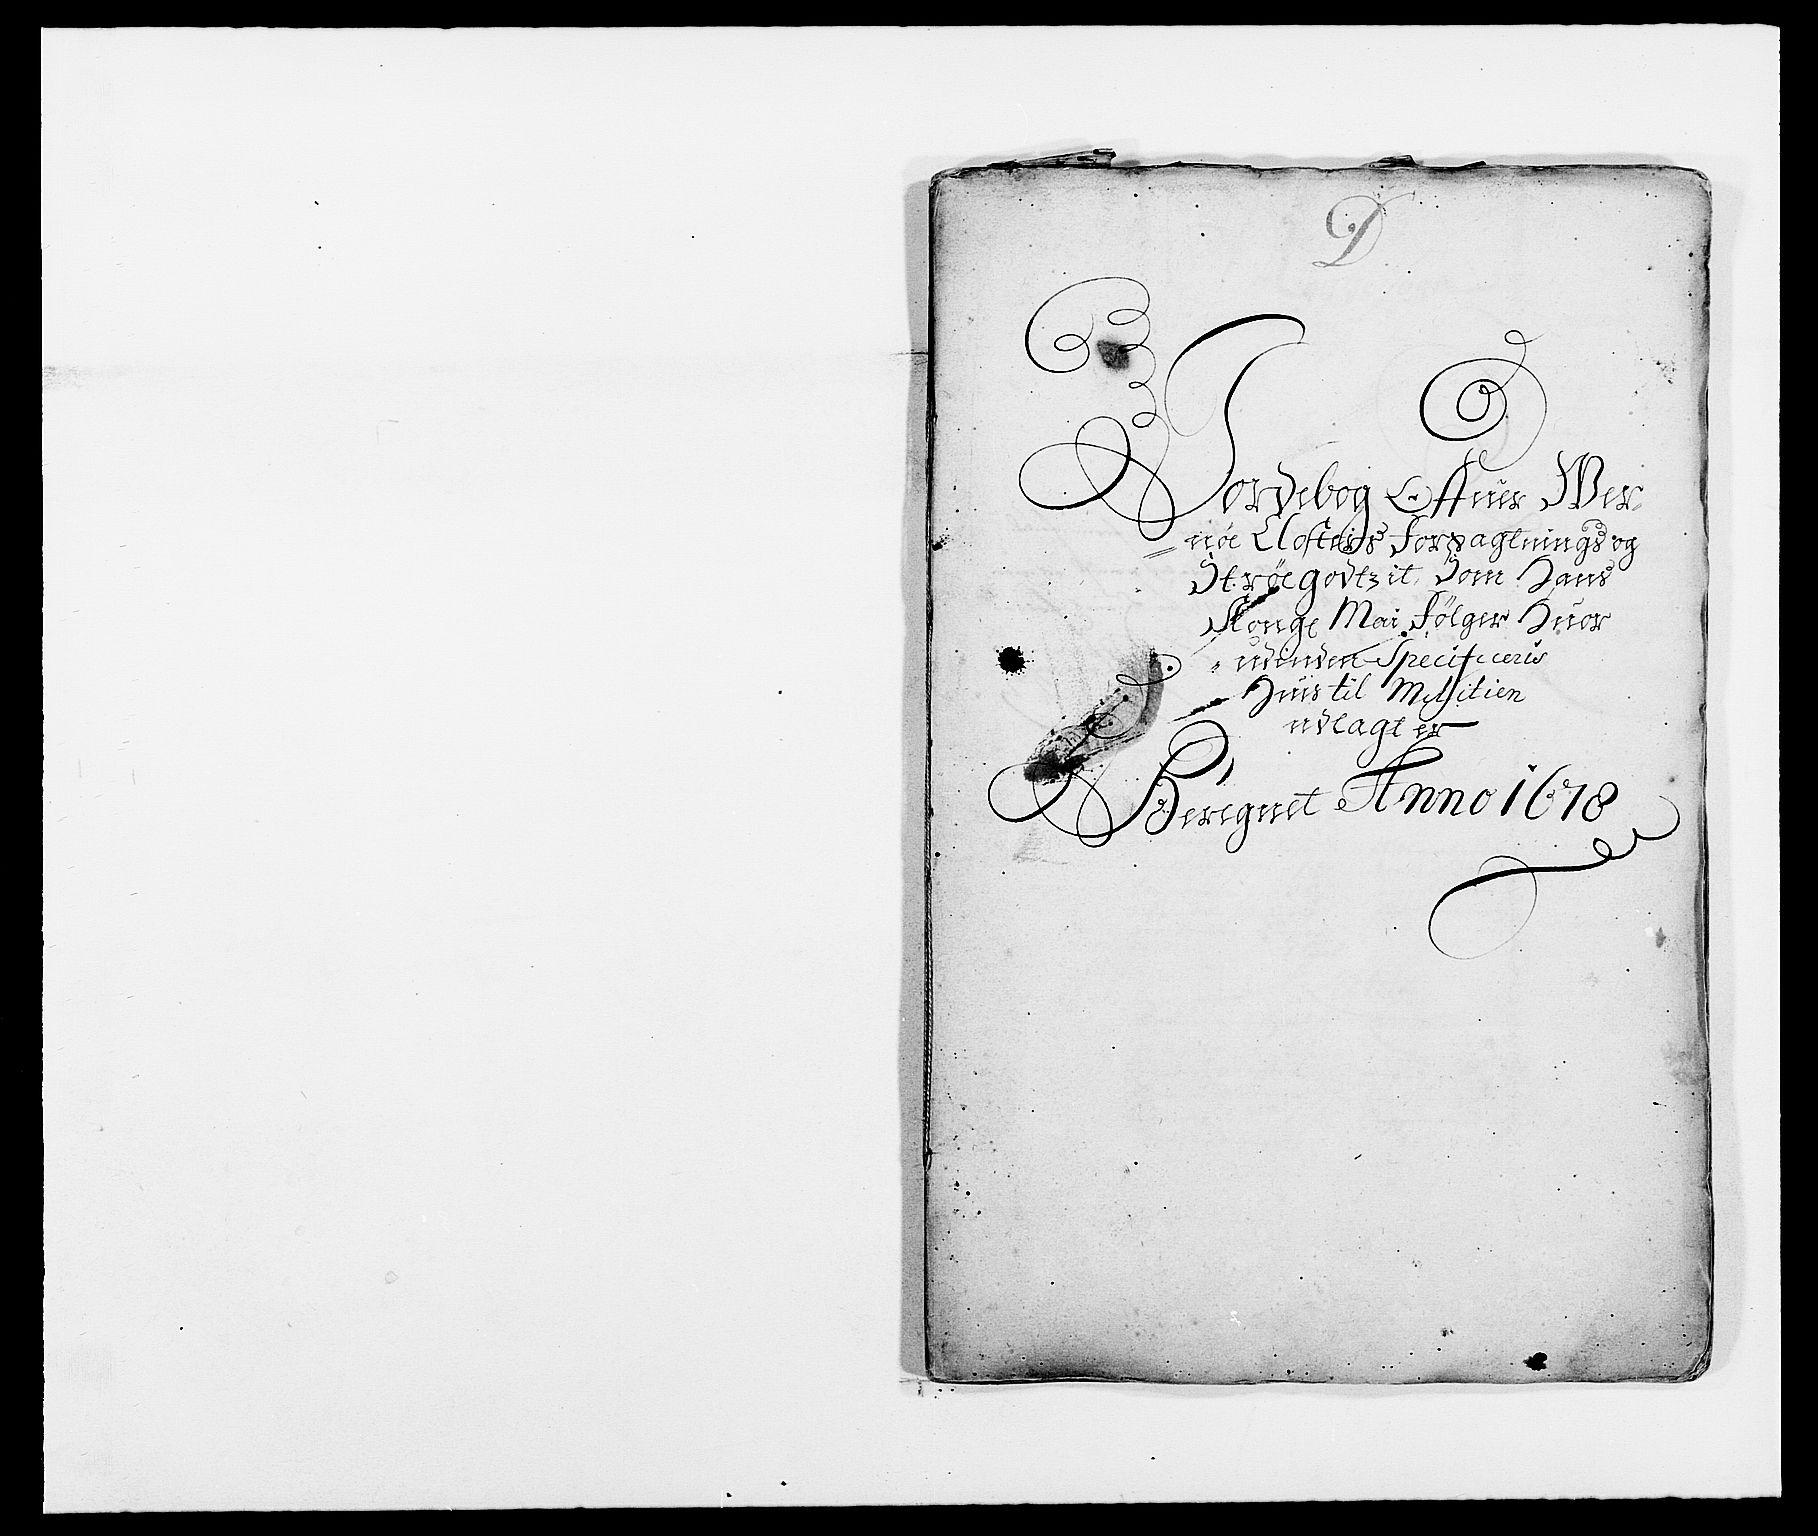 RA, Rentekammeret inntil 1814, Reviderte regnskaper, Fogderegnskap, R02/L0099: Fogderegnskap Moss og Verne kloster, 1678, s. 91